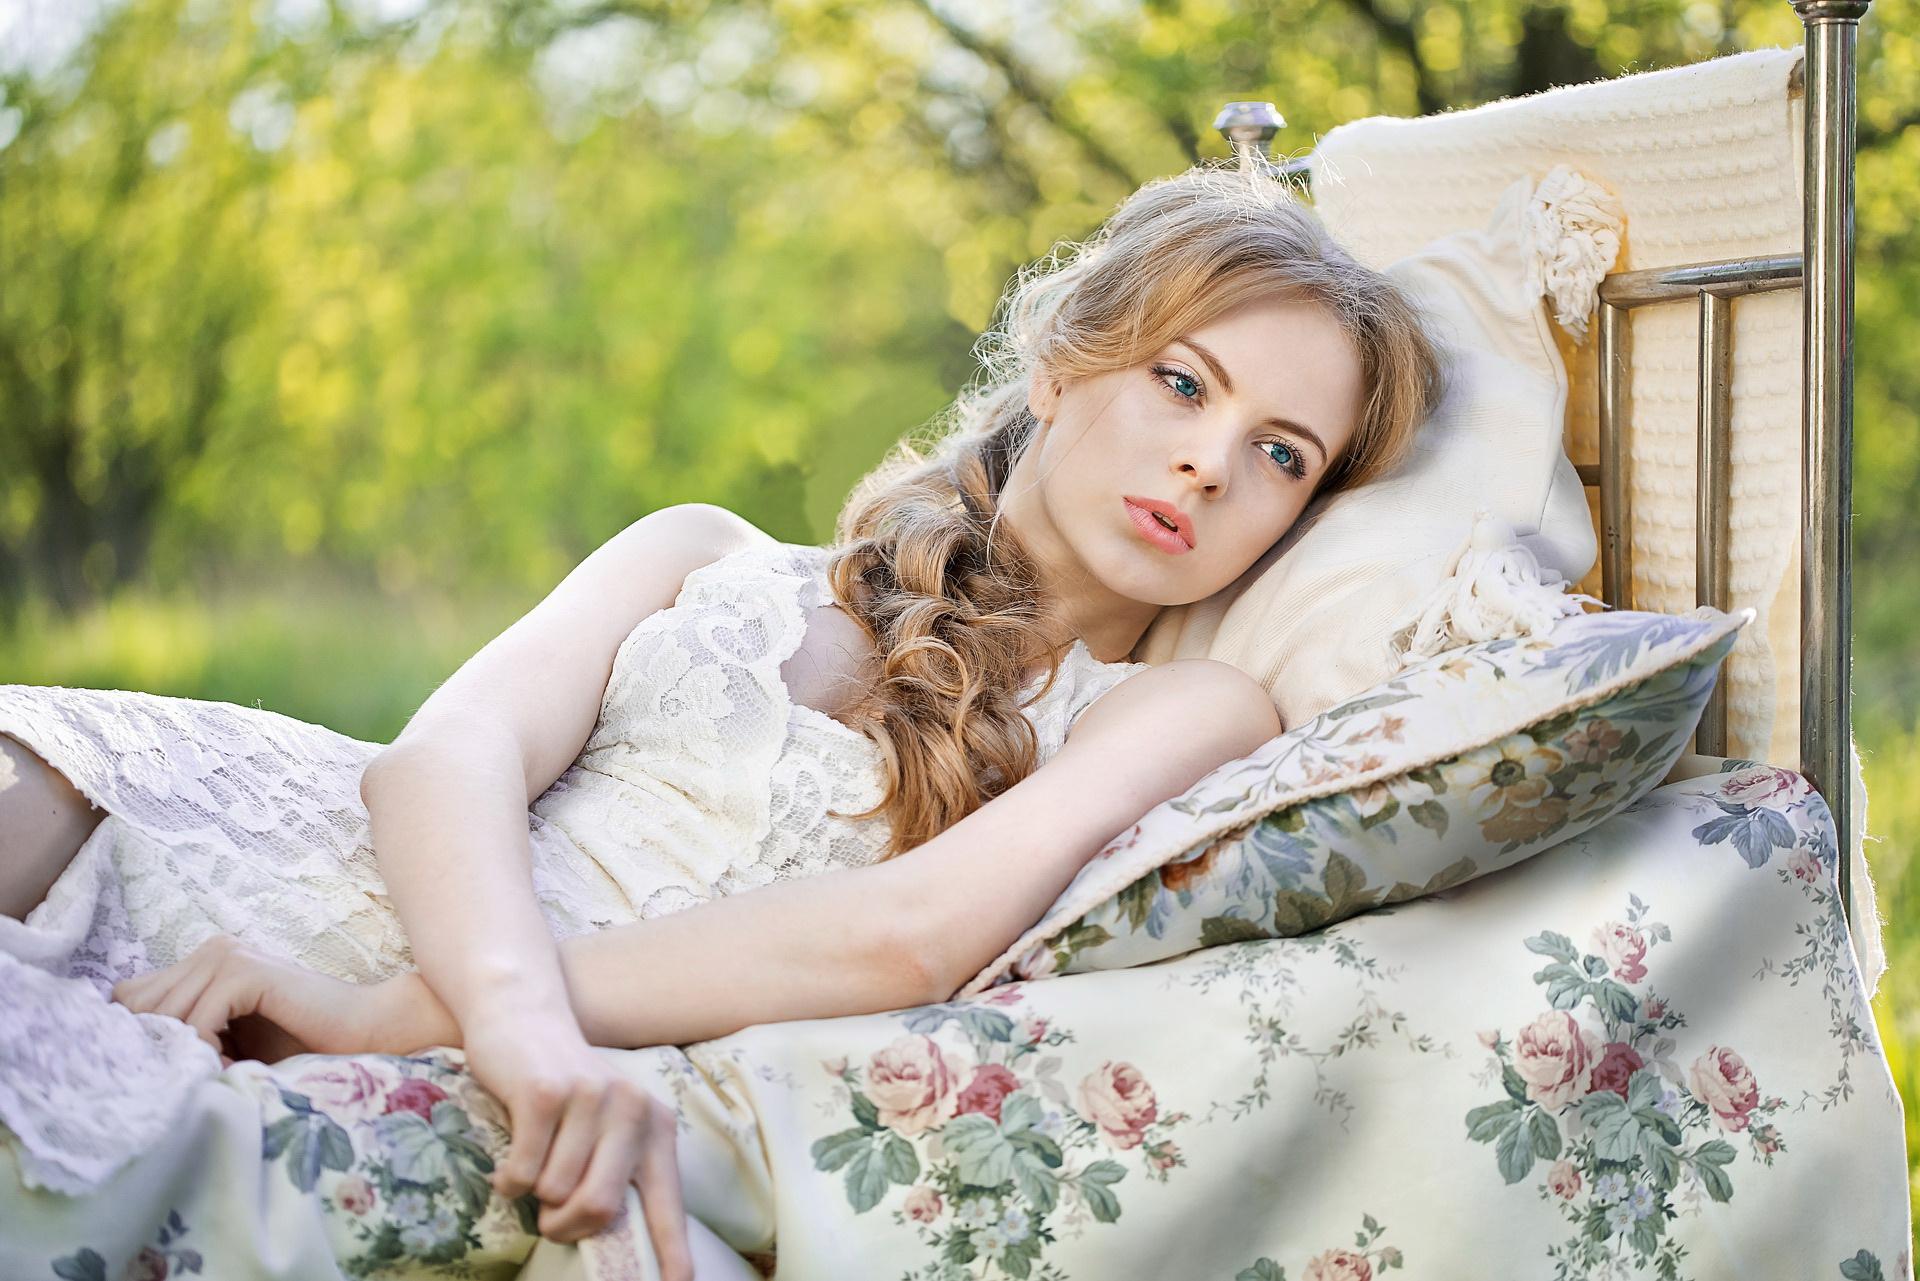 Potřebujete hodně odpočívat? Určitě si odpočinek dopřejte a vězte, že jste v pozdní premenstruační nebo menstruační fázi.